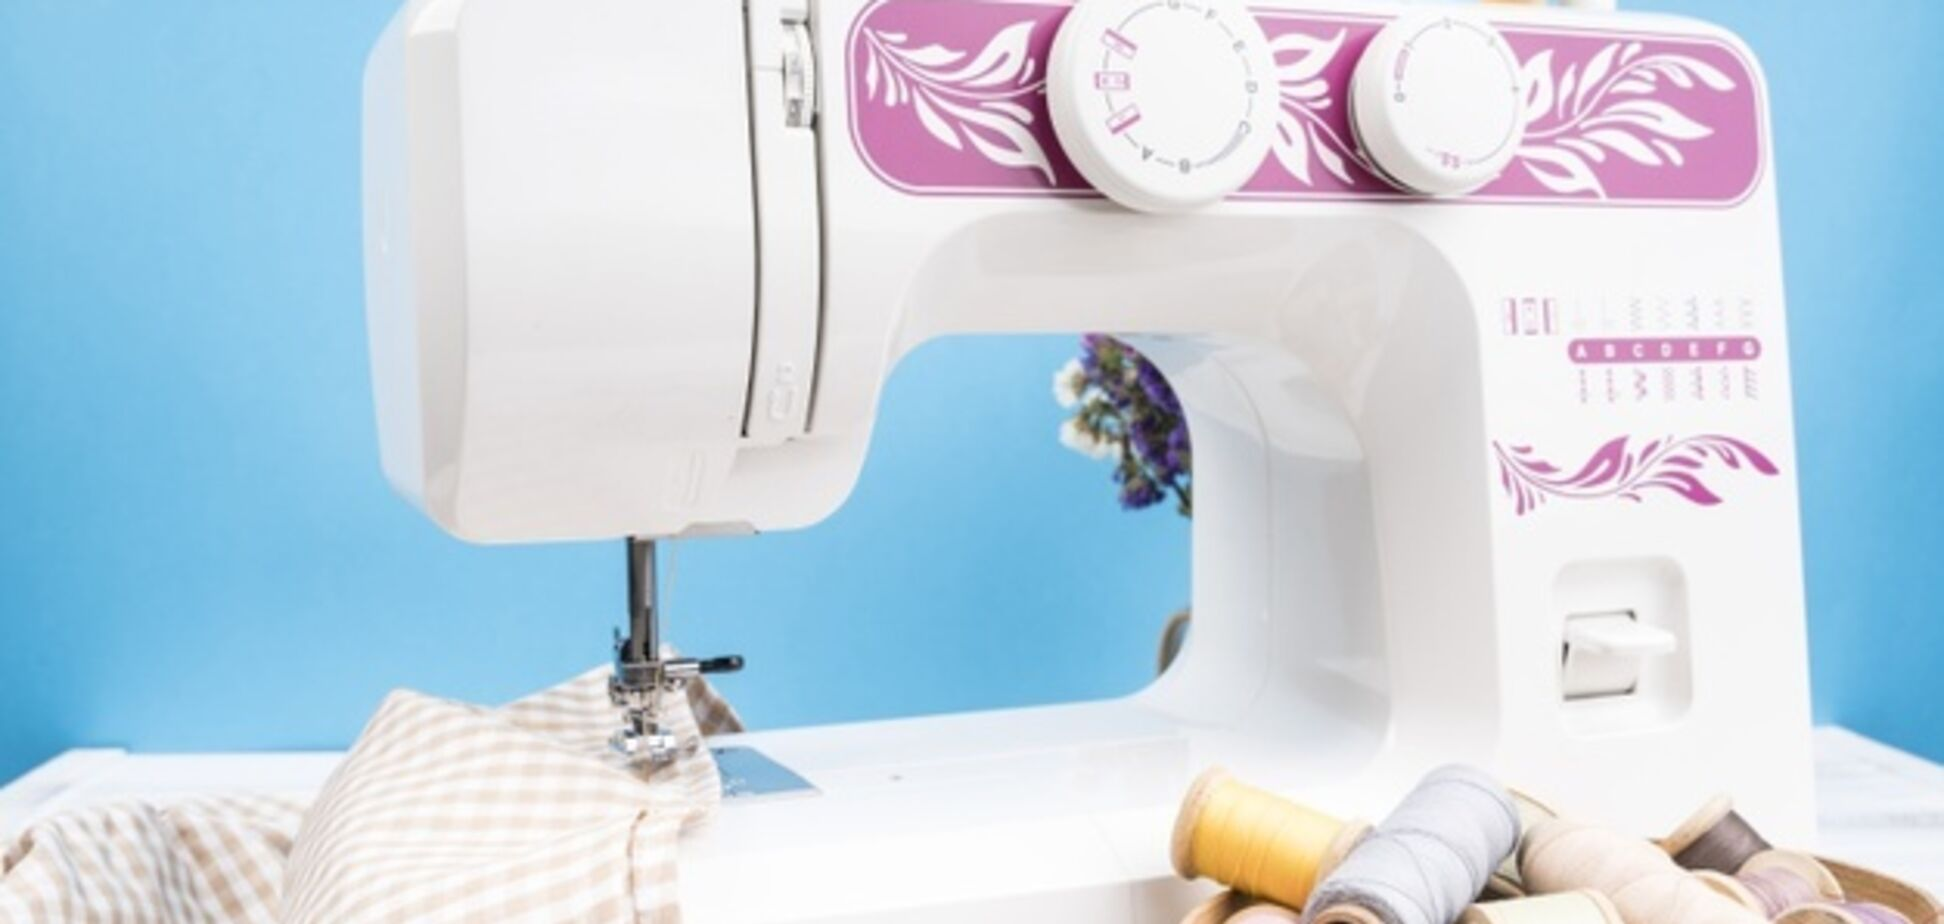 Швейное оборудование: бытовое и промышленное